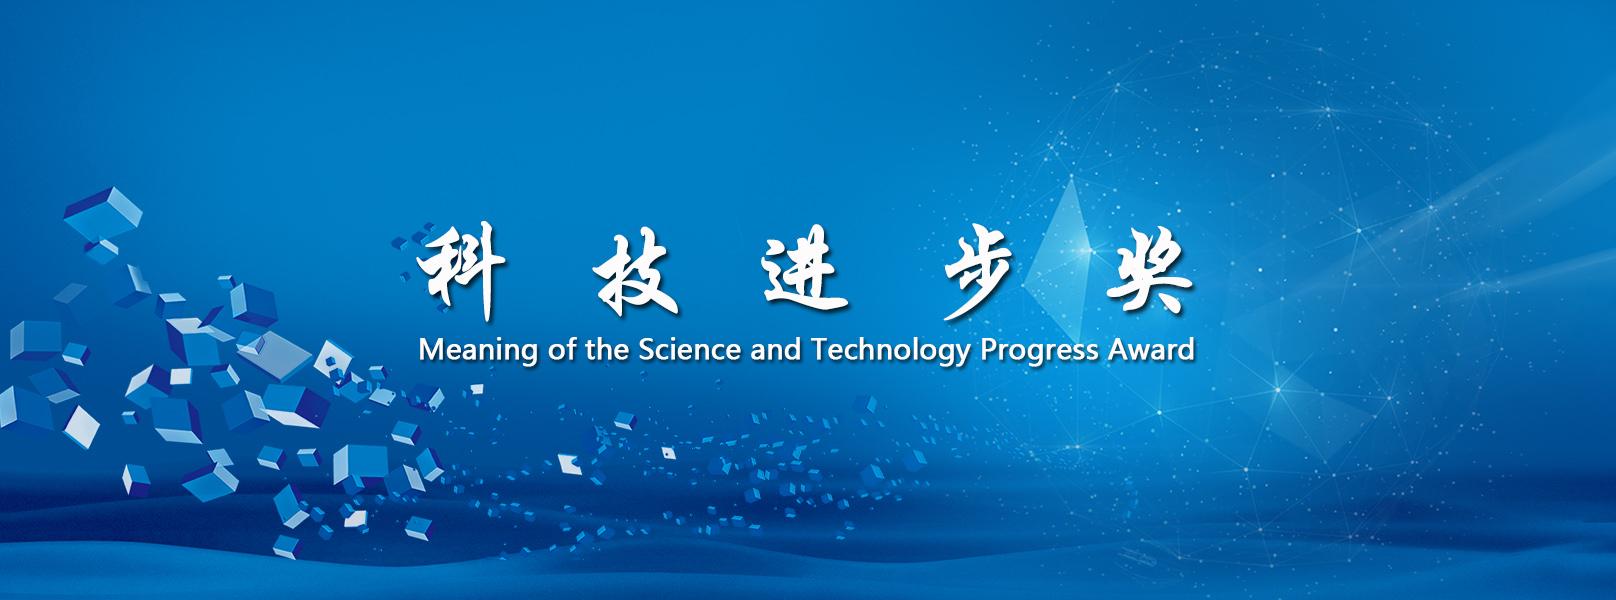 """众智网""""科技进步奖线上培训会""""圆满落幕"""